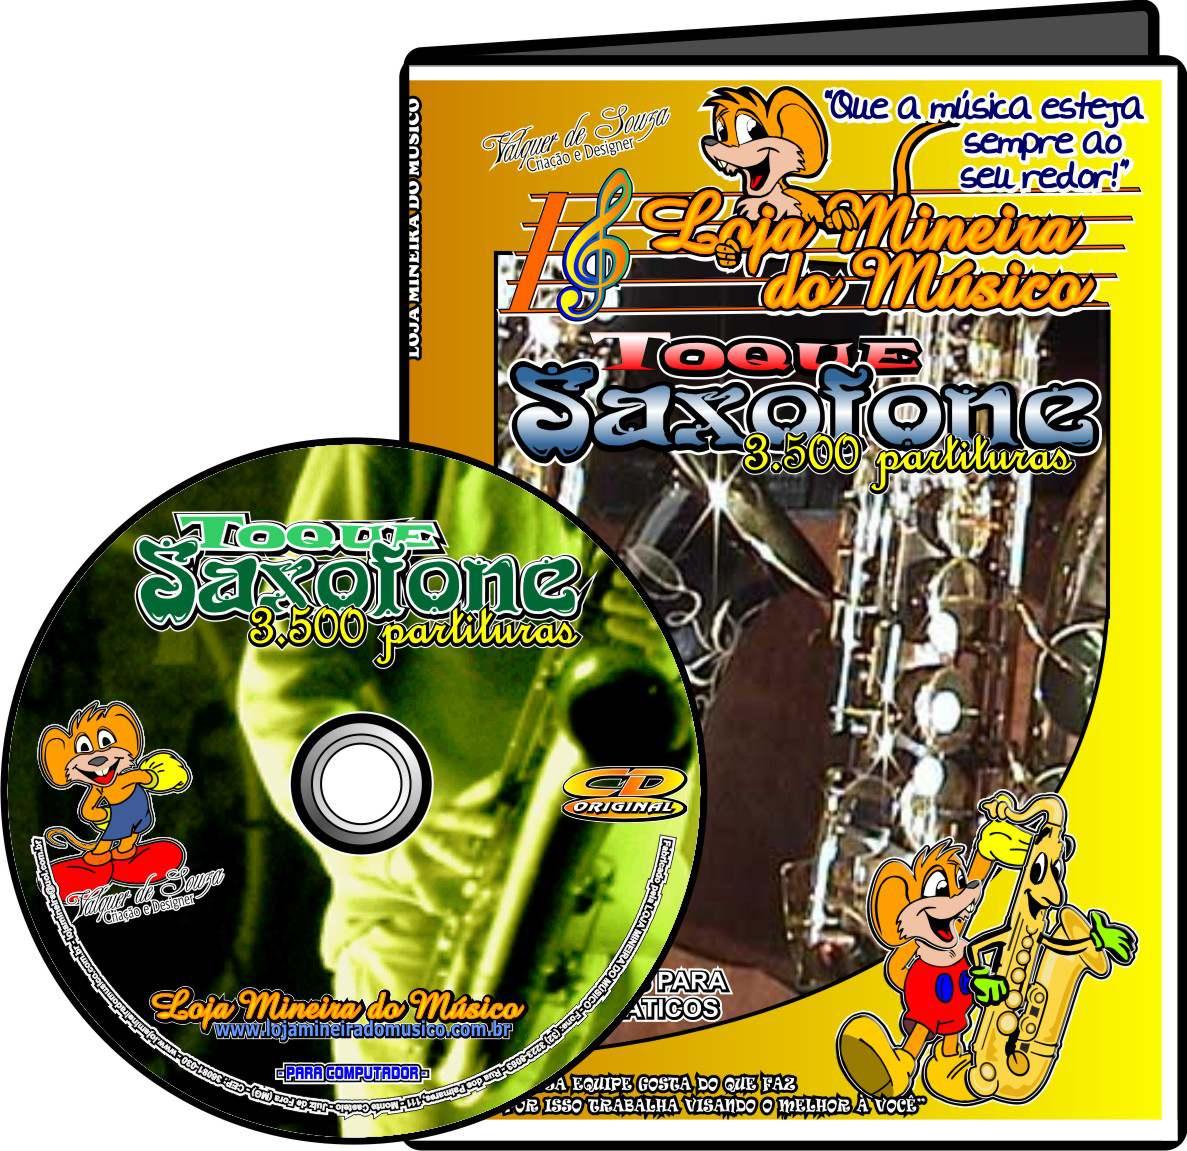 cd de saxofone